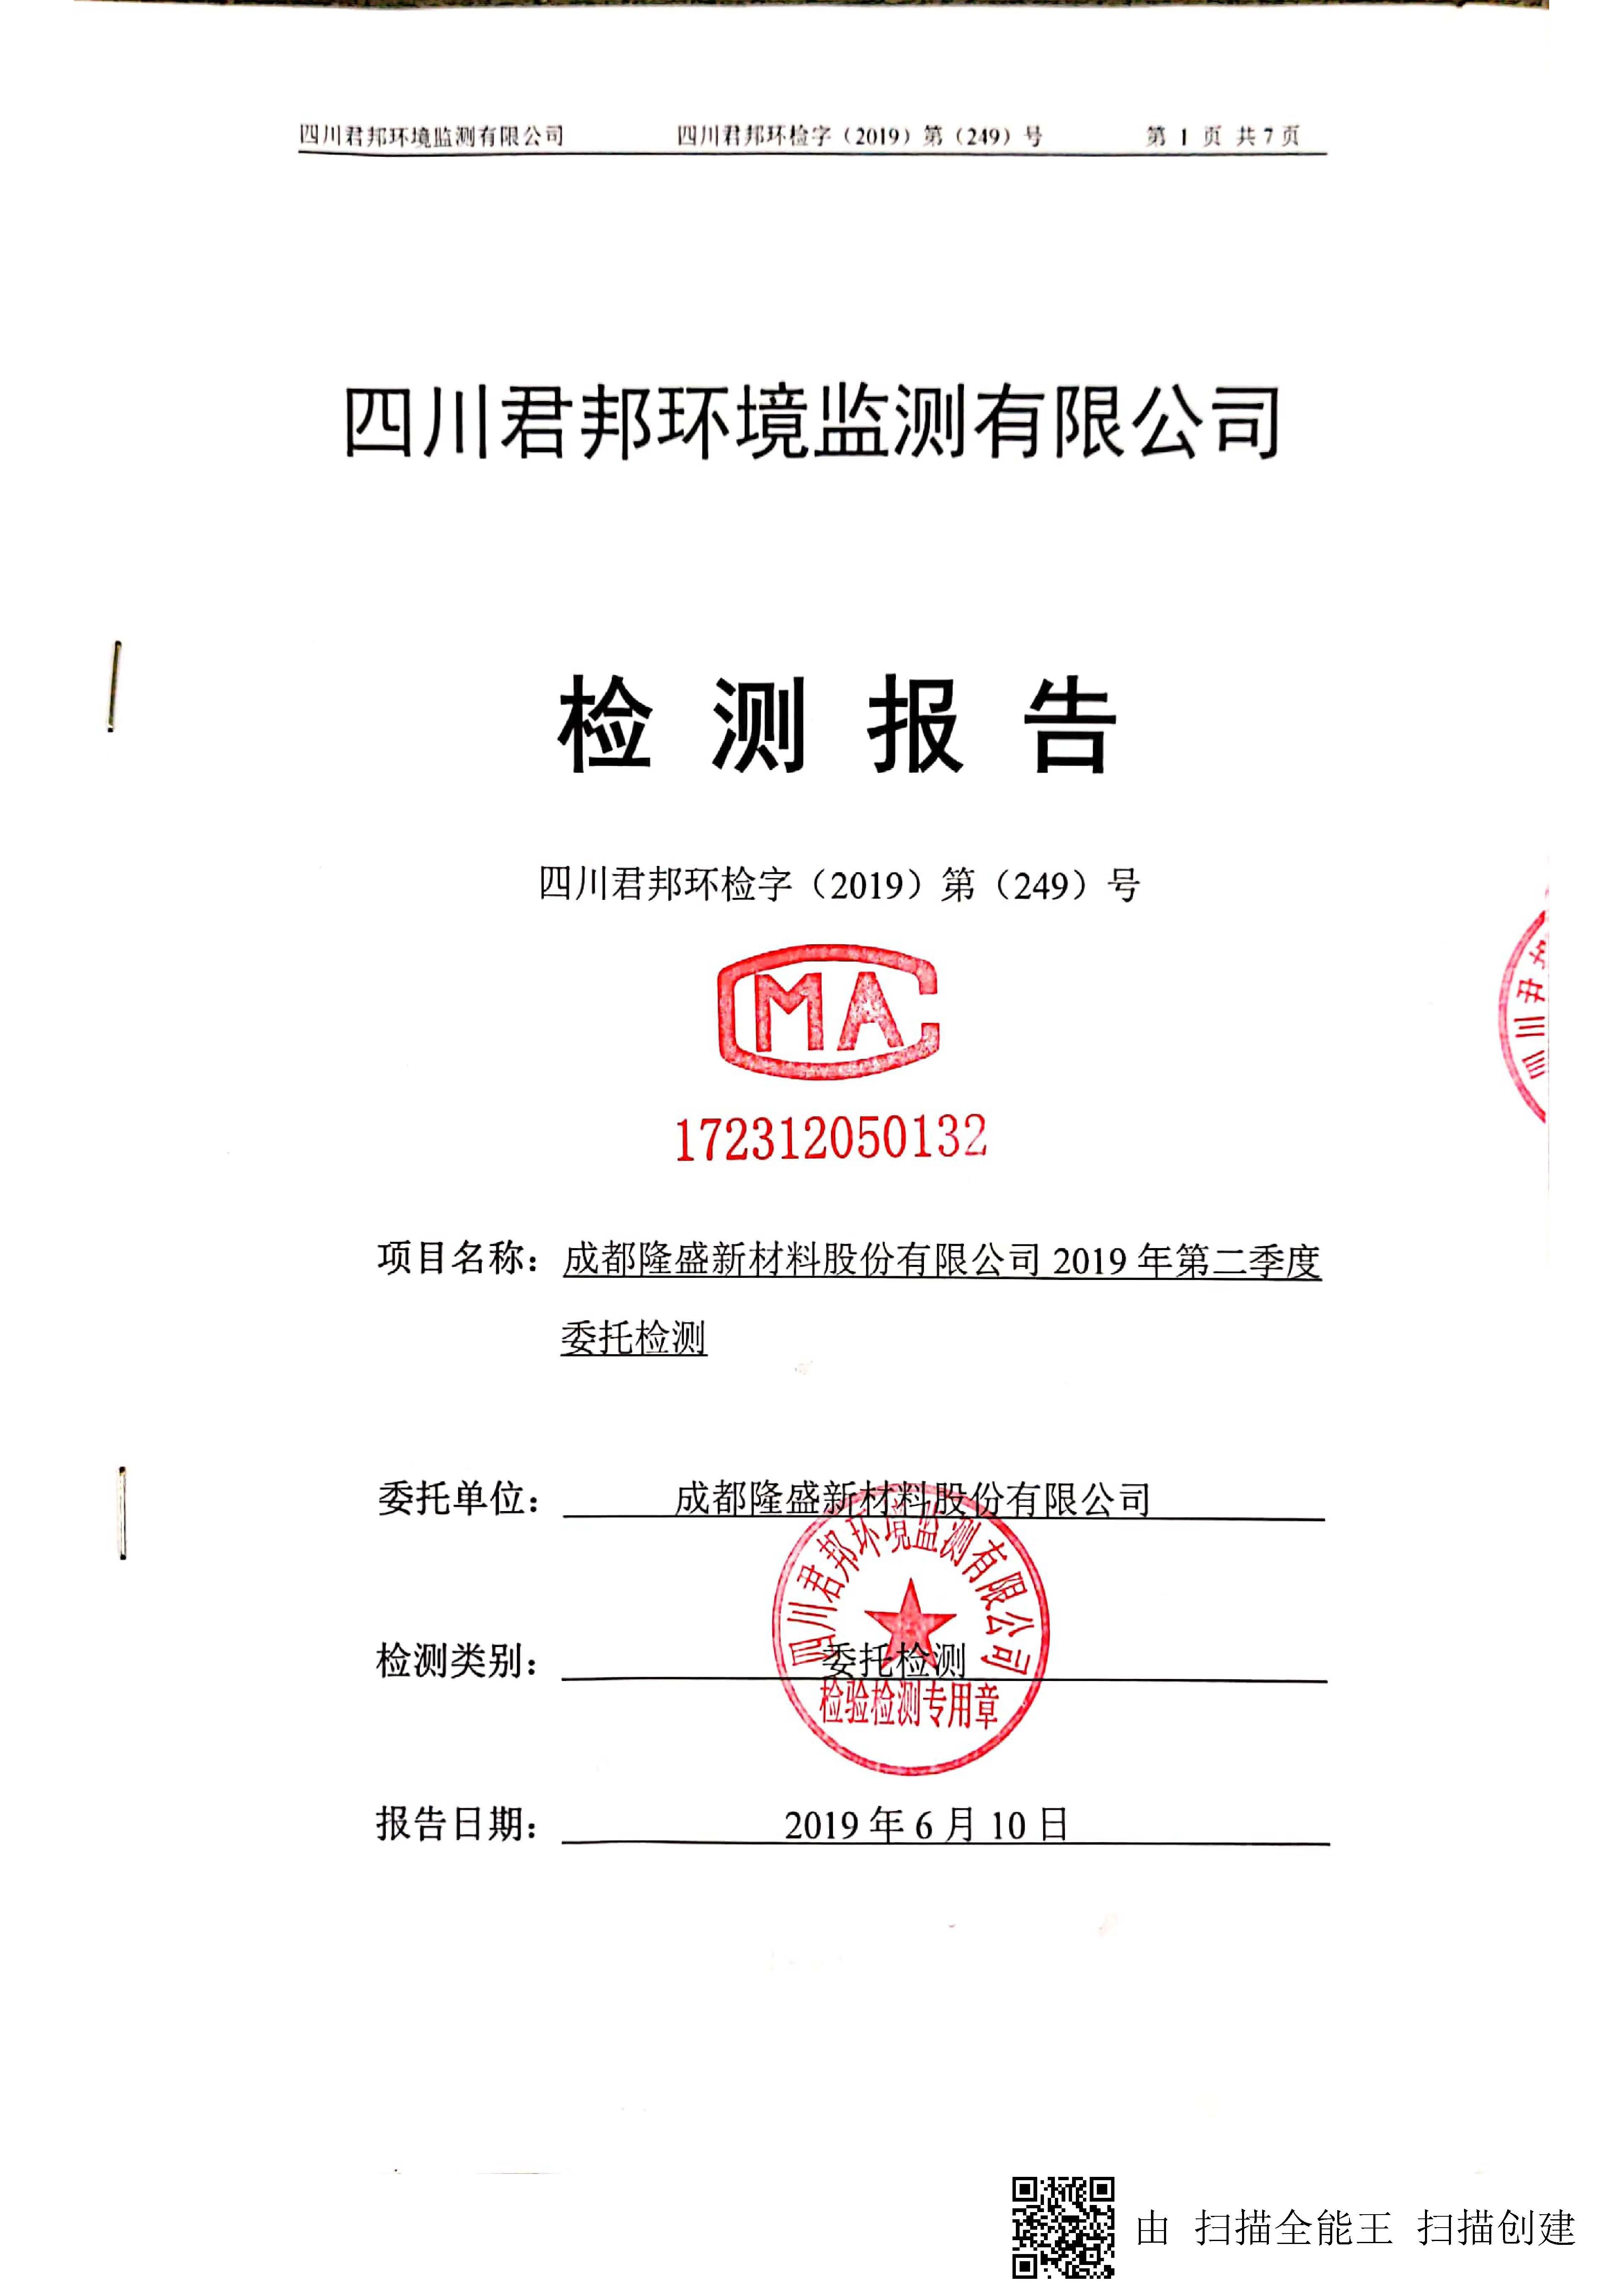 成都隆盛新材料股份有限公司2019年第二季度環保監測報告